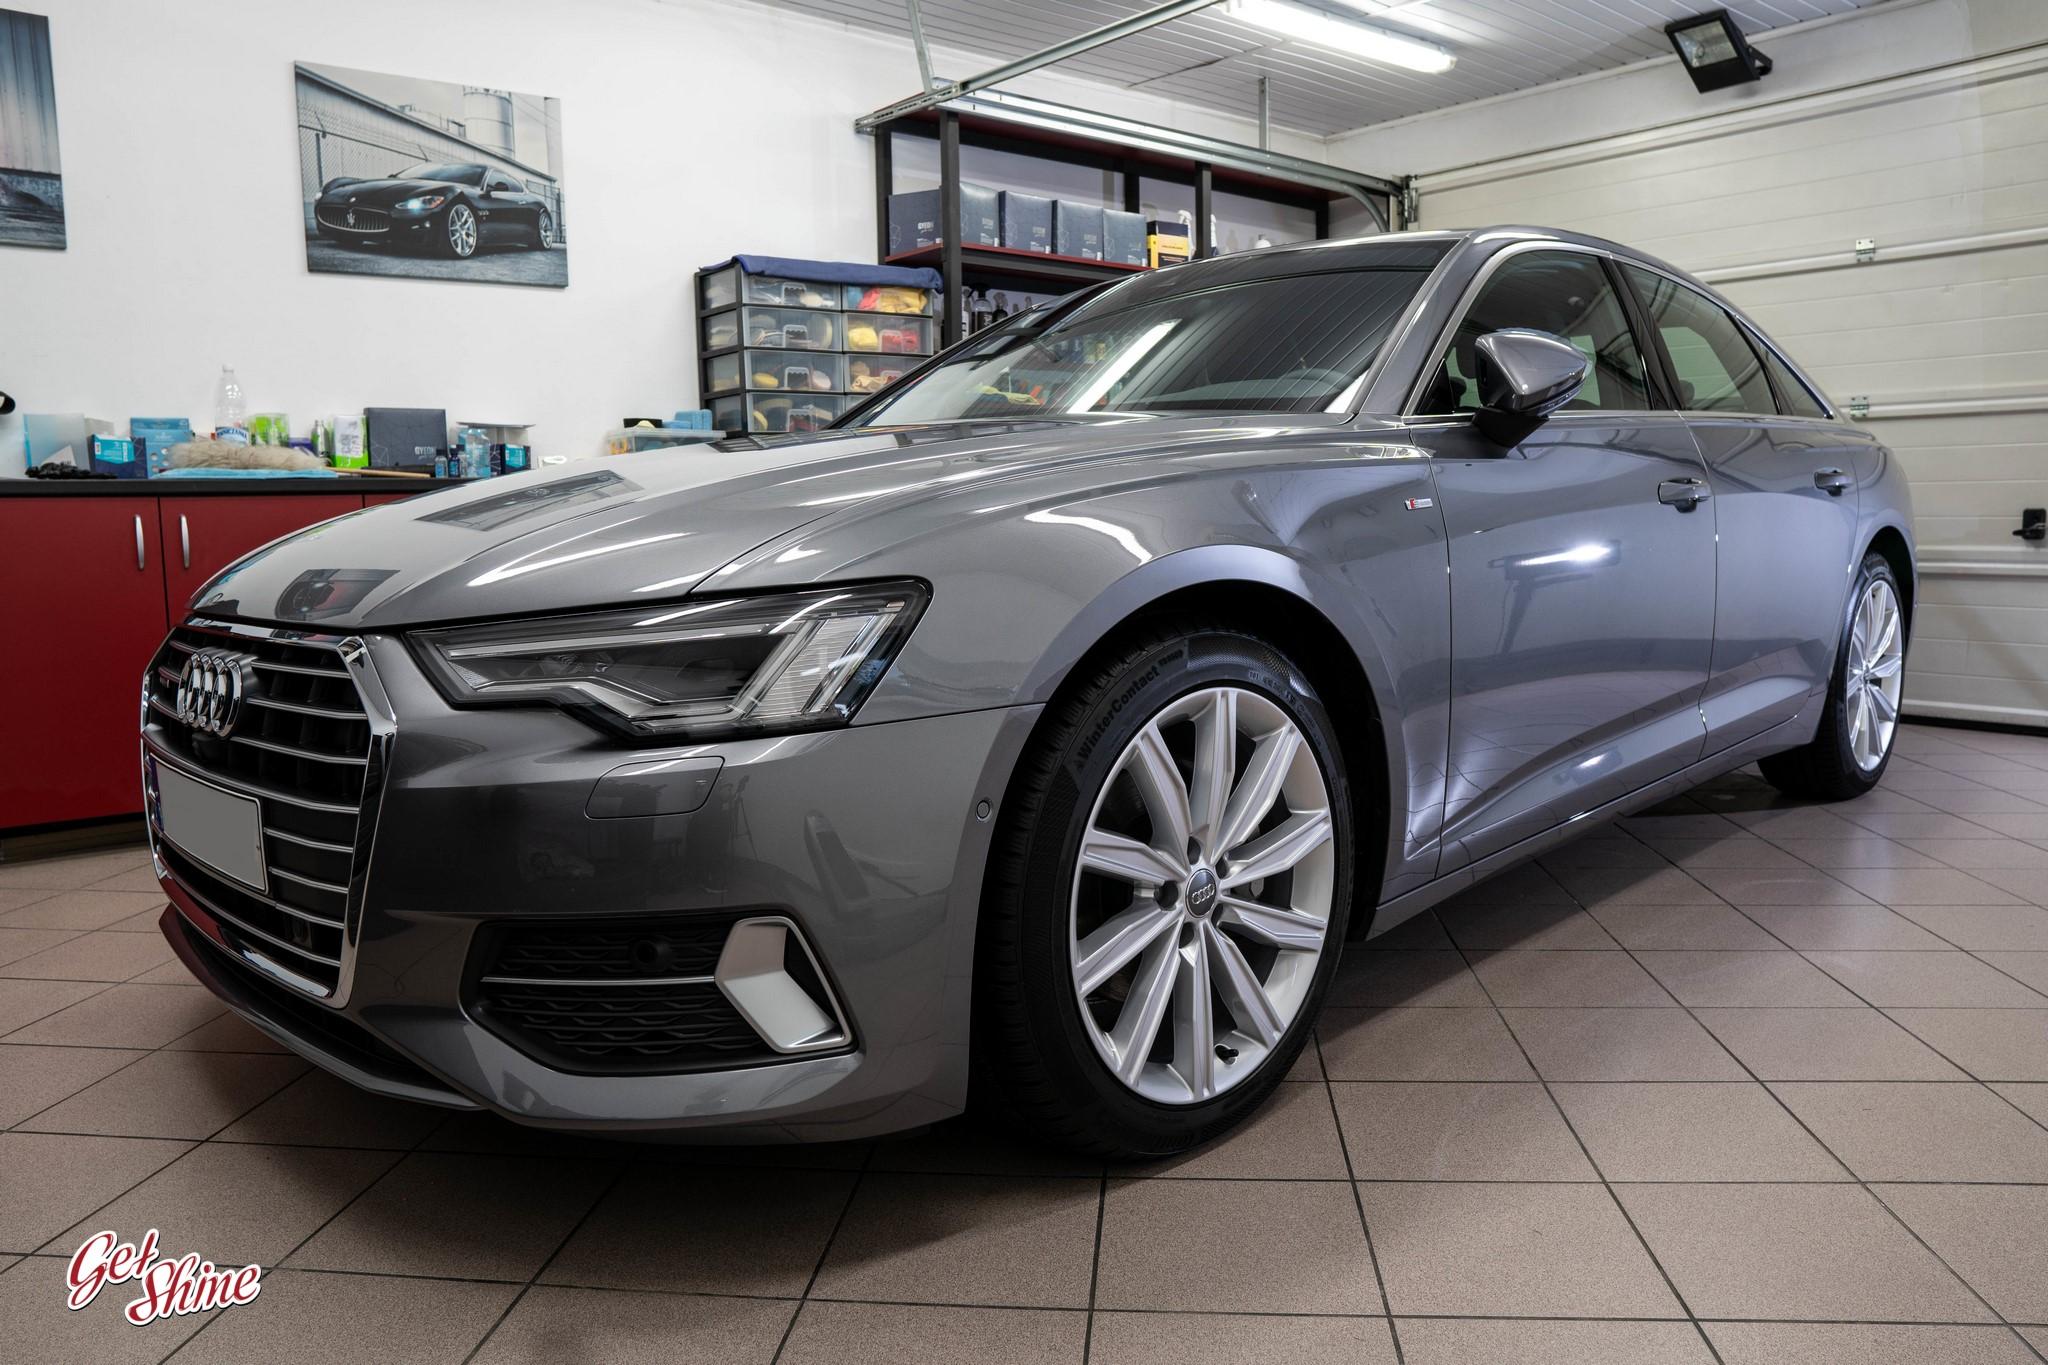 Audi A6 – ochrona nowego auta, powłoka ceramiczna